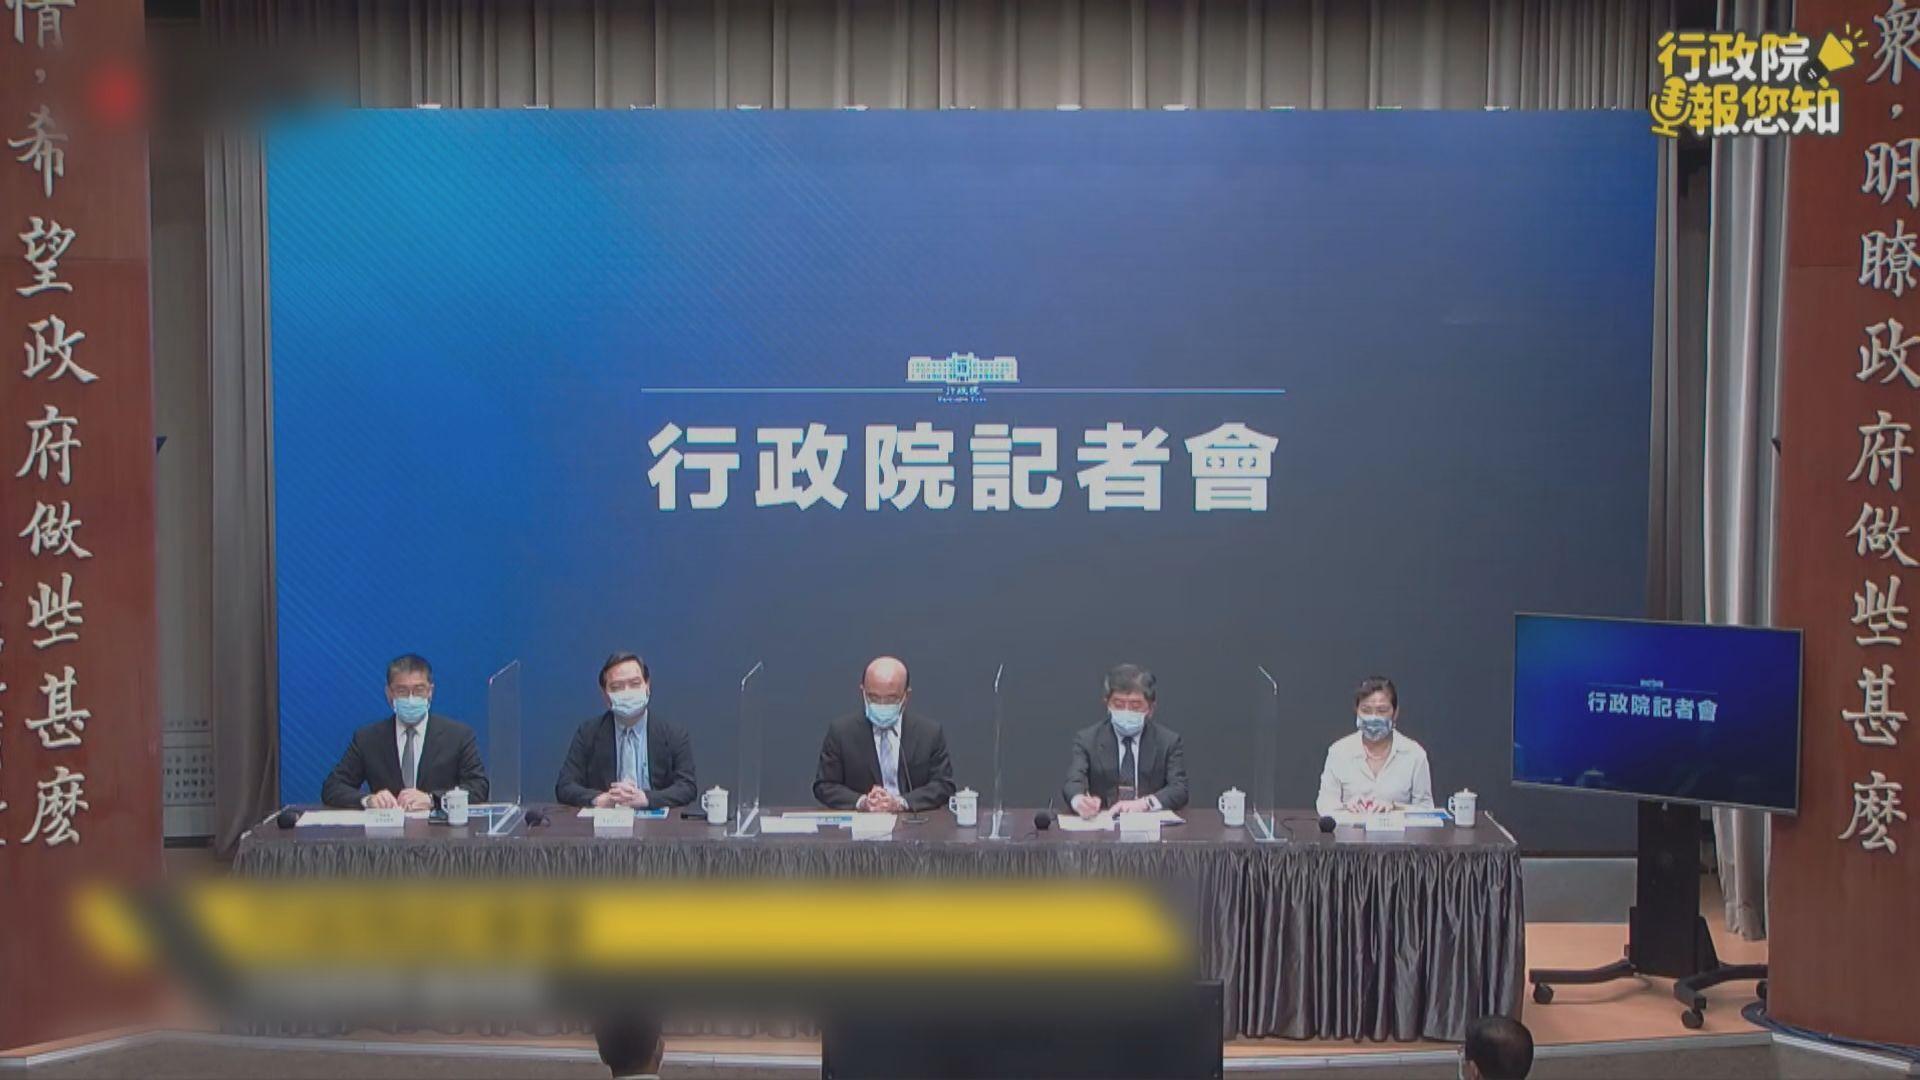 台灣單日增180宗本土確診個案 雙北警戒級別提升到第三級